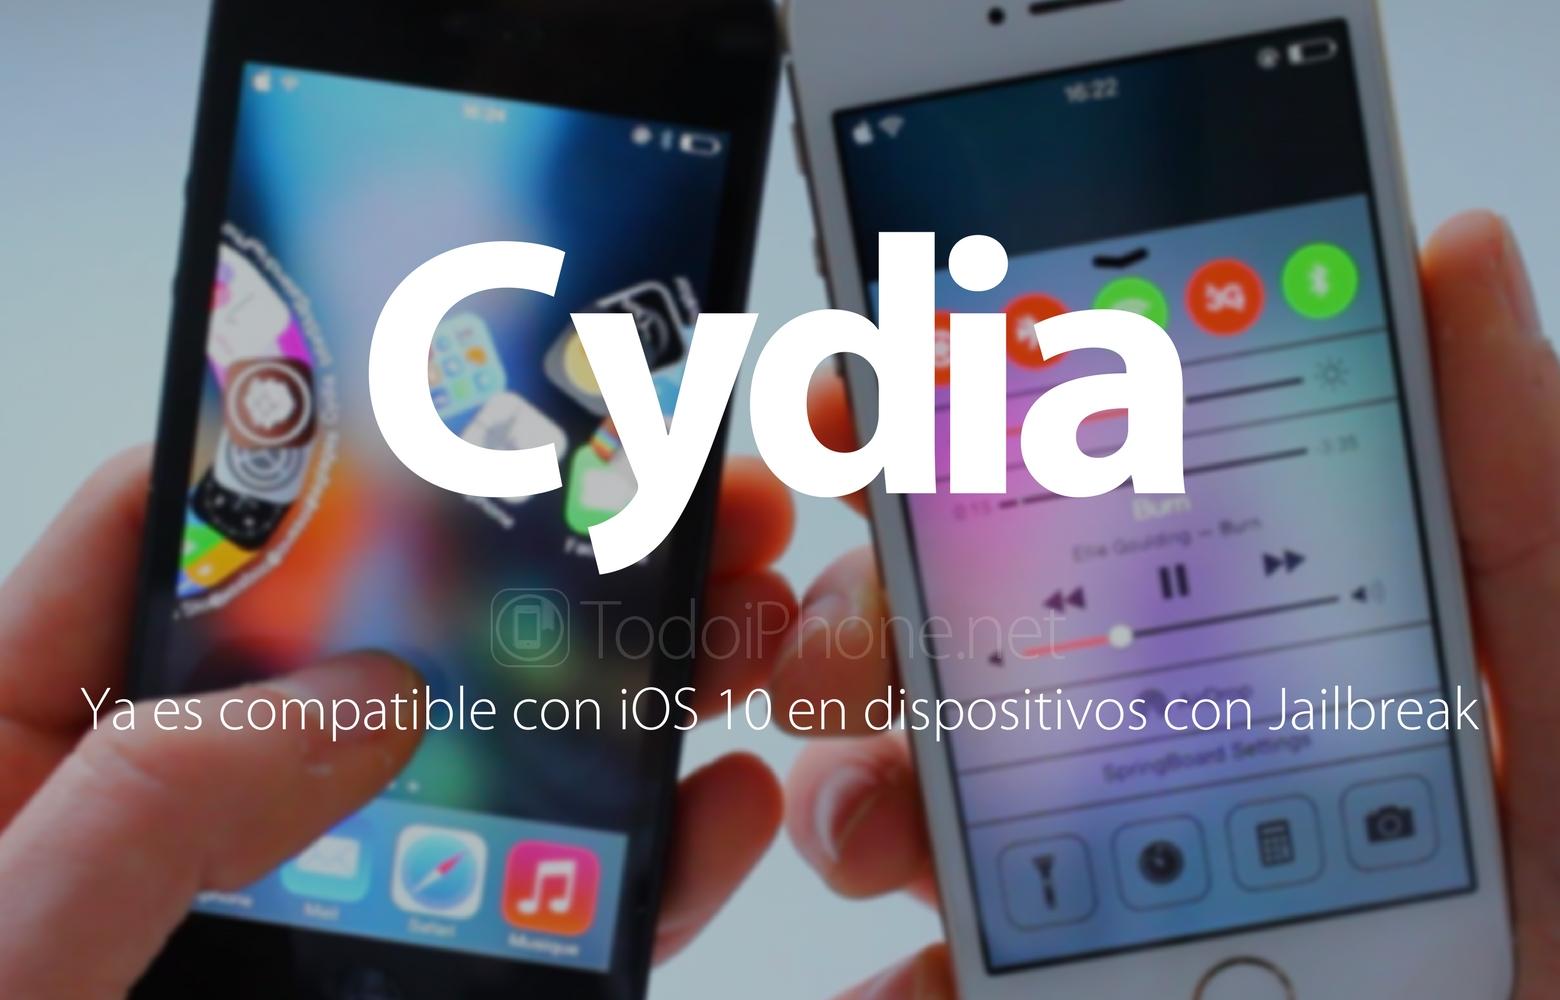 Cydia ya es compatible con iOS 10 en dispositivos con Jailbreak